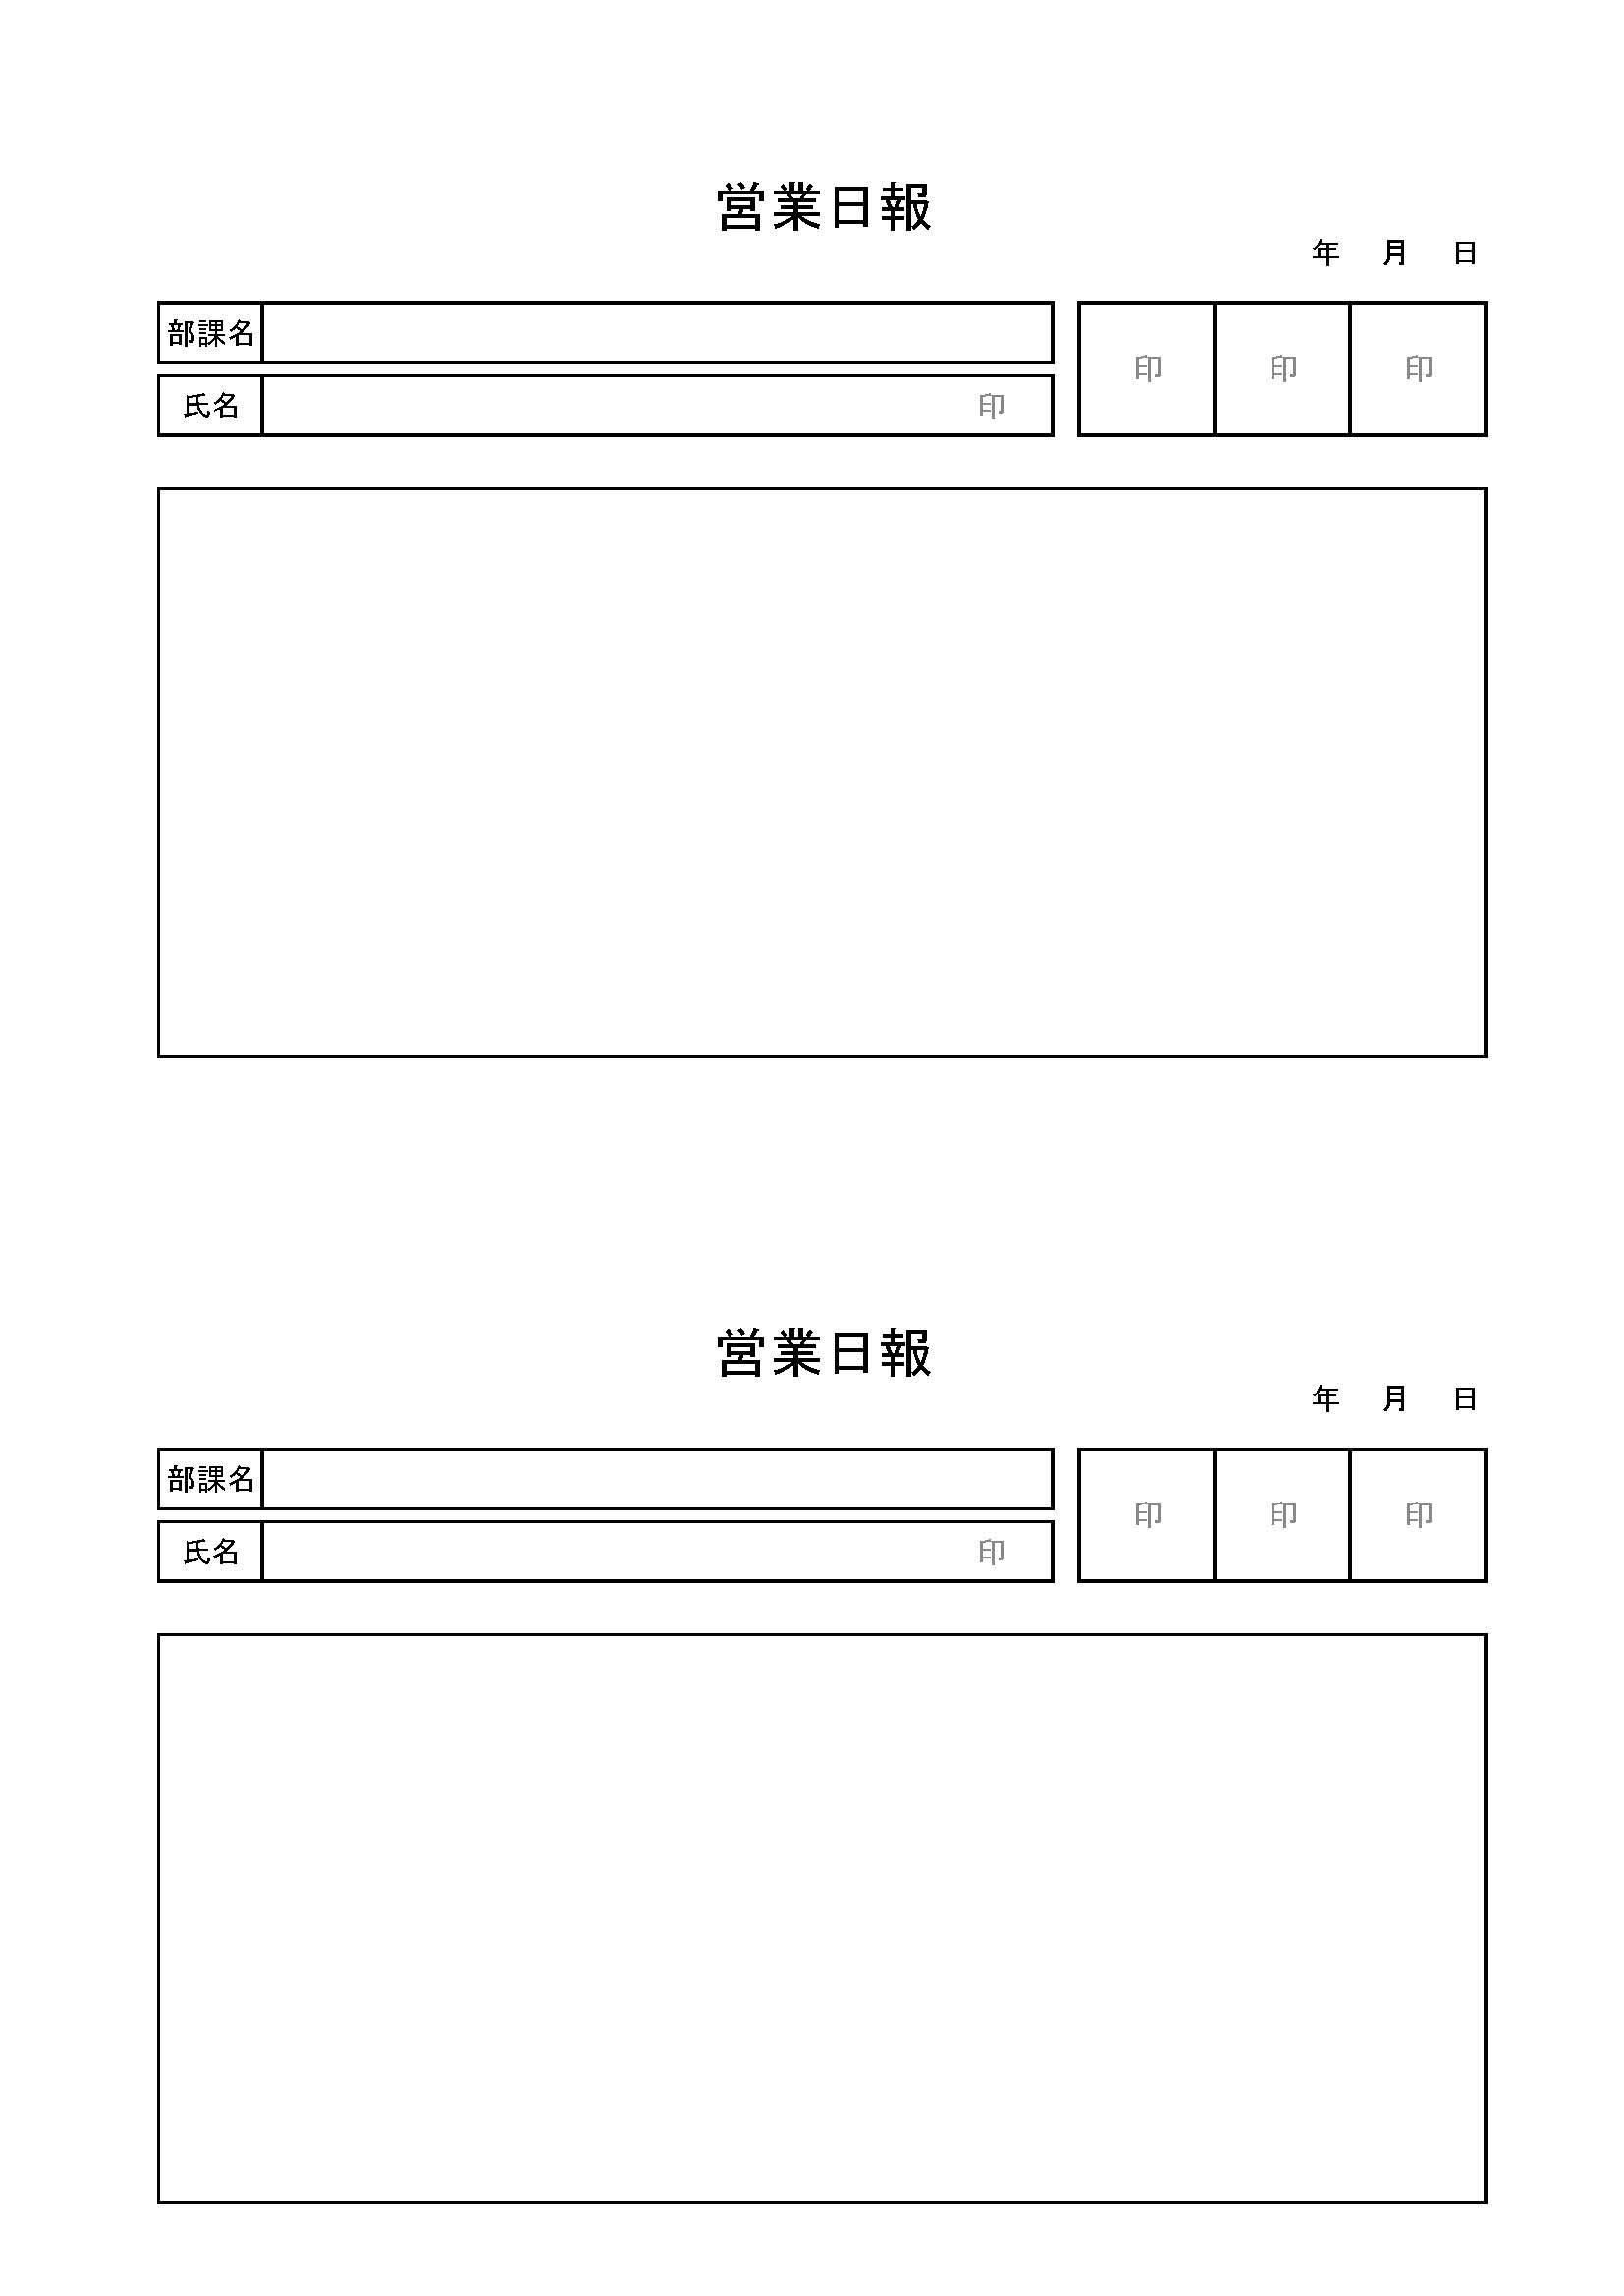 営業日報のテンプレート書式6